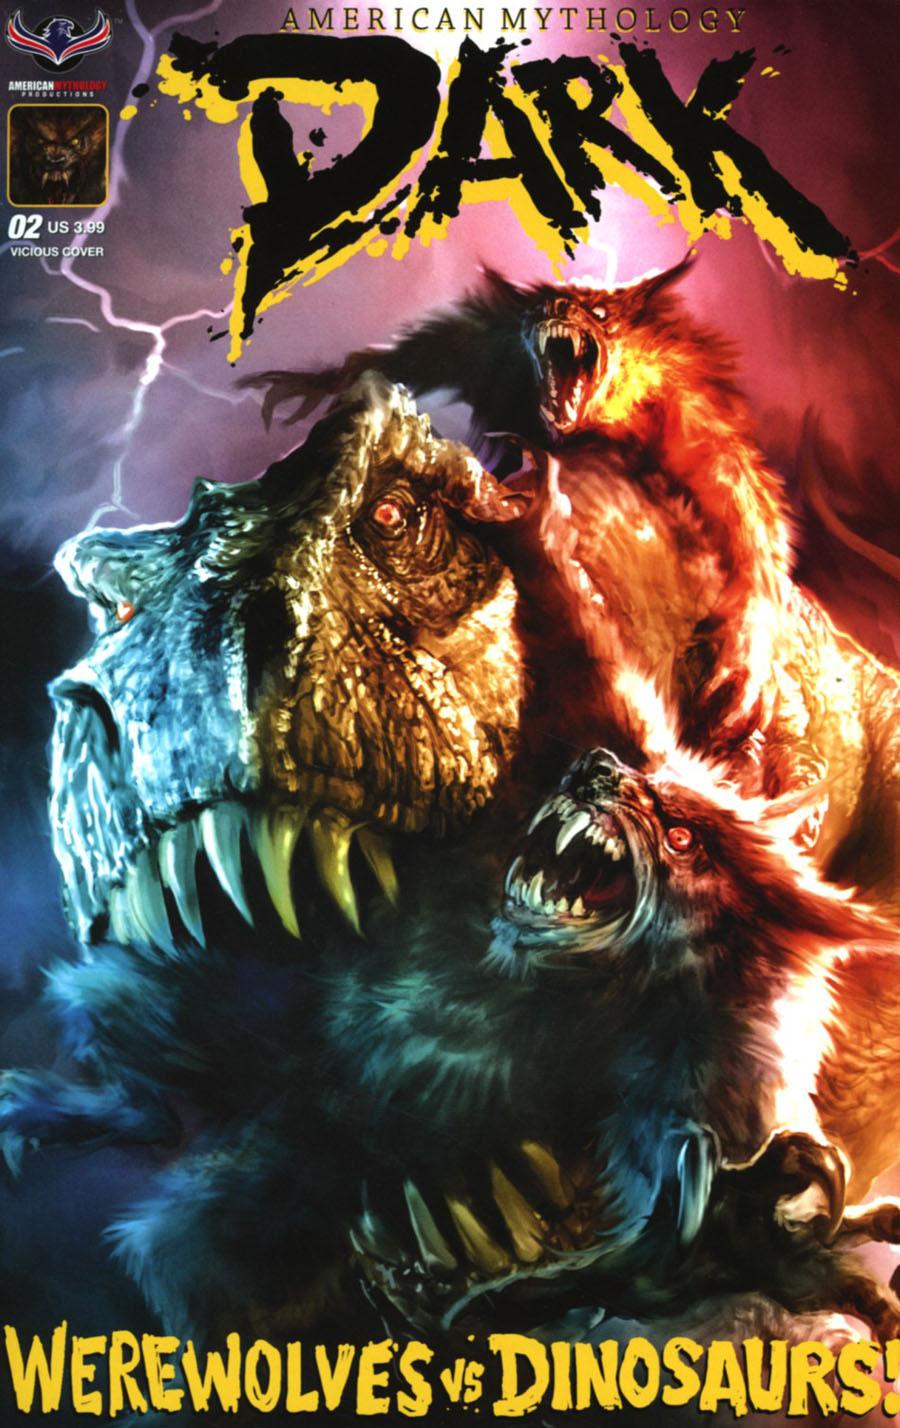 American Mythology Dark Werewolves vs Dinosaurs vs Yetis Cover B Variant Chris Scalf Cover